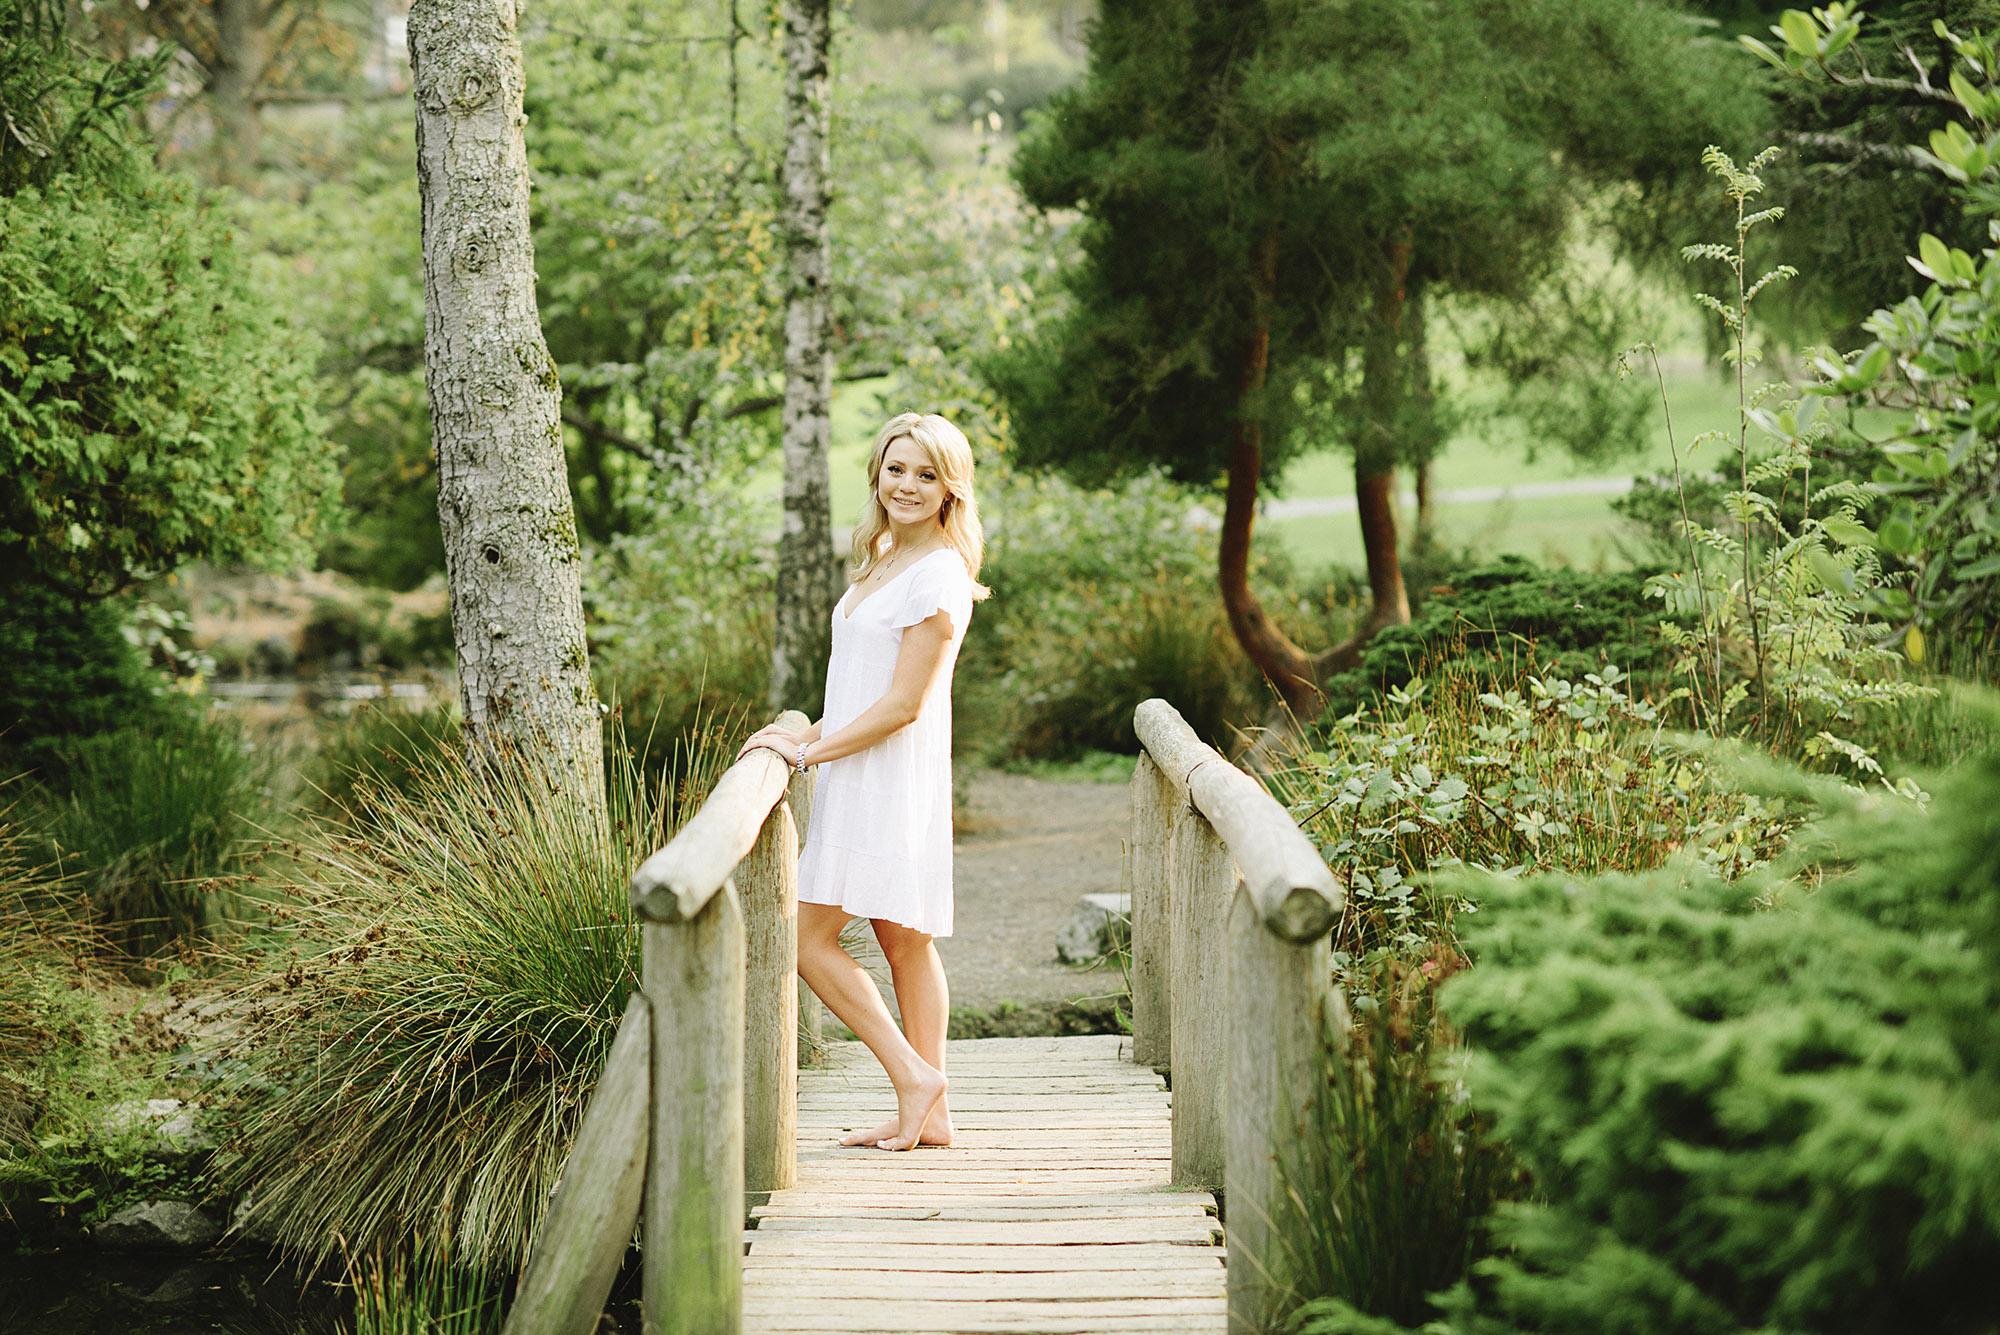 Senior Pictures in a garden